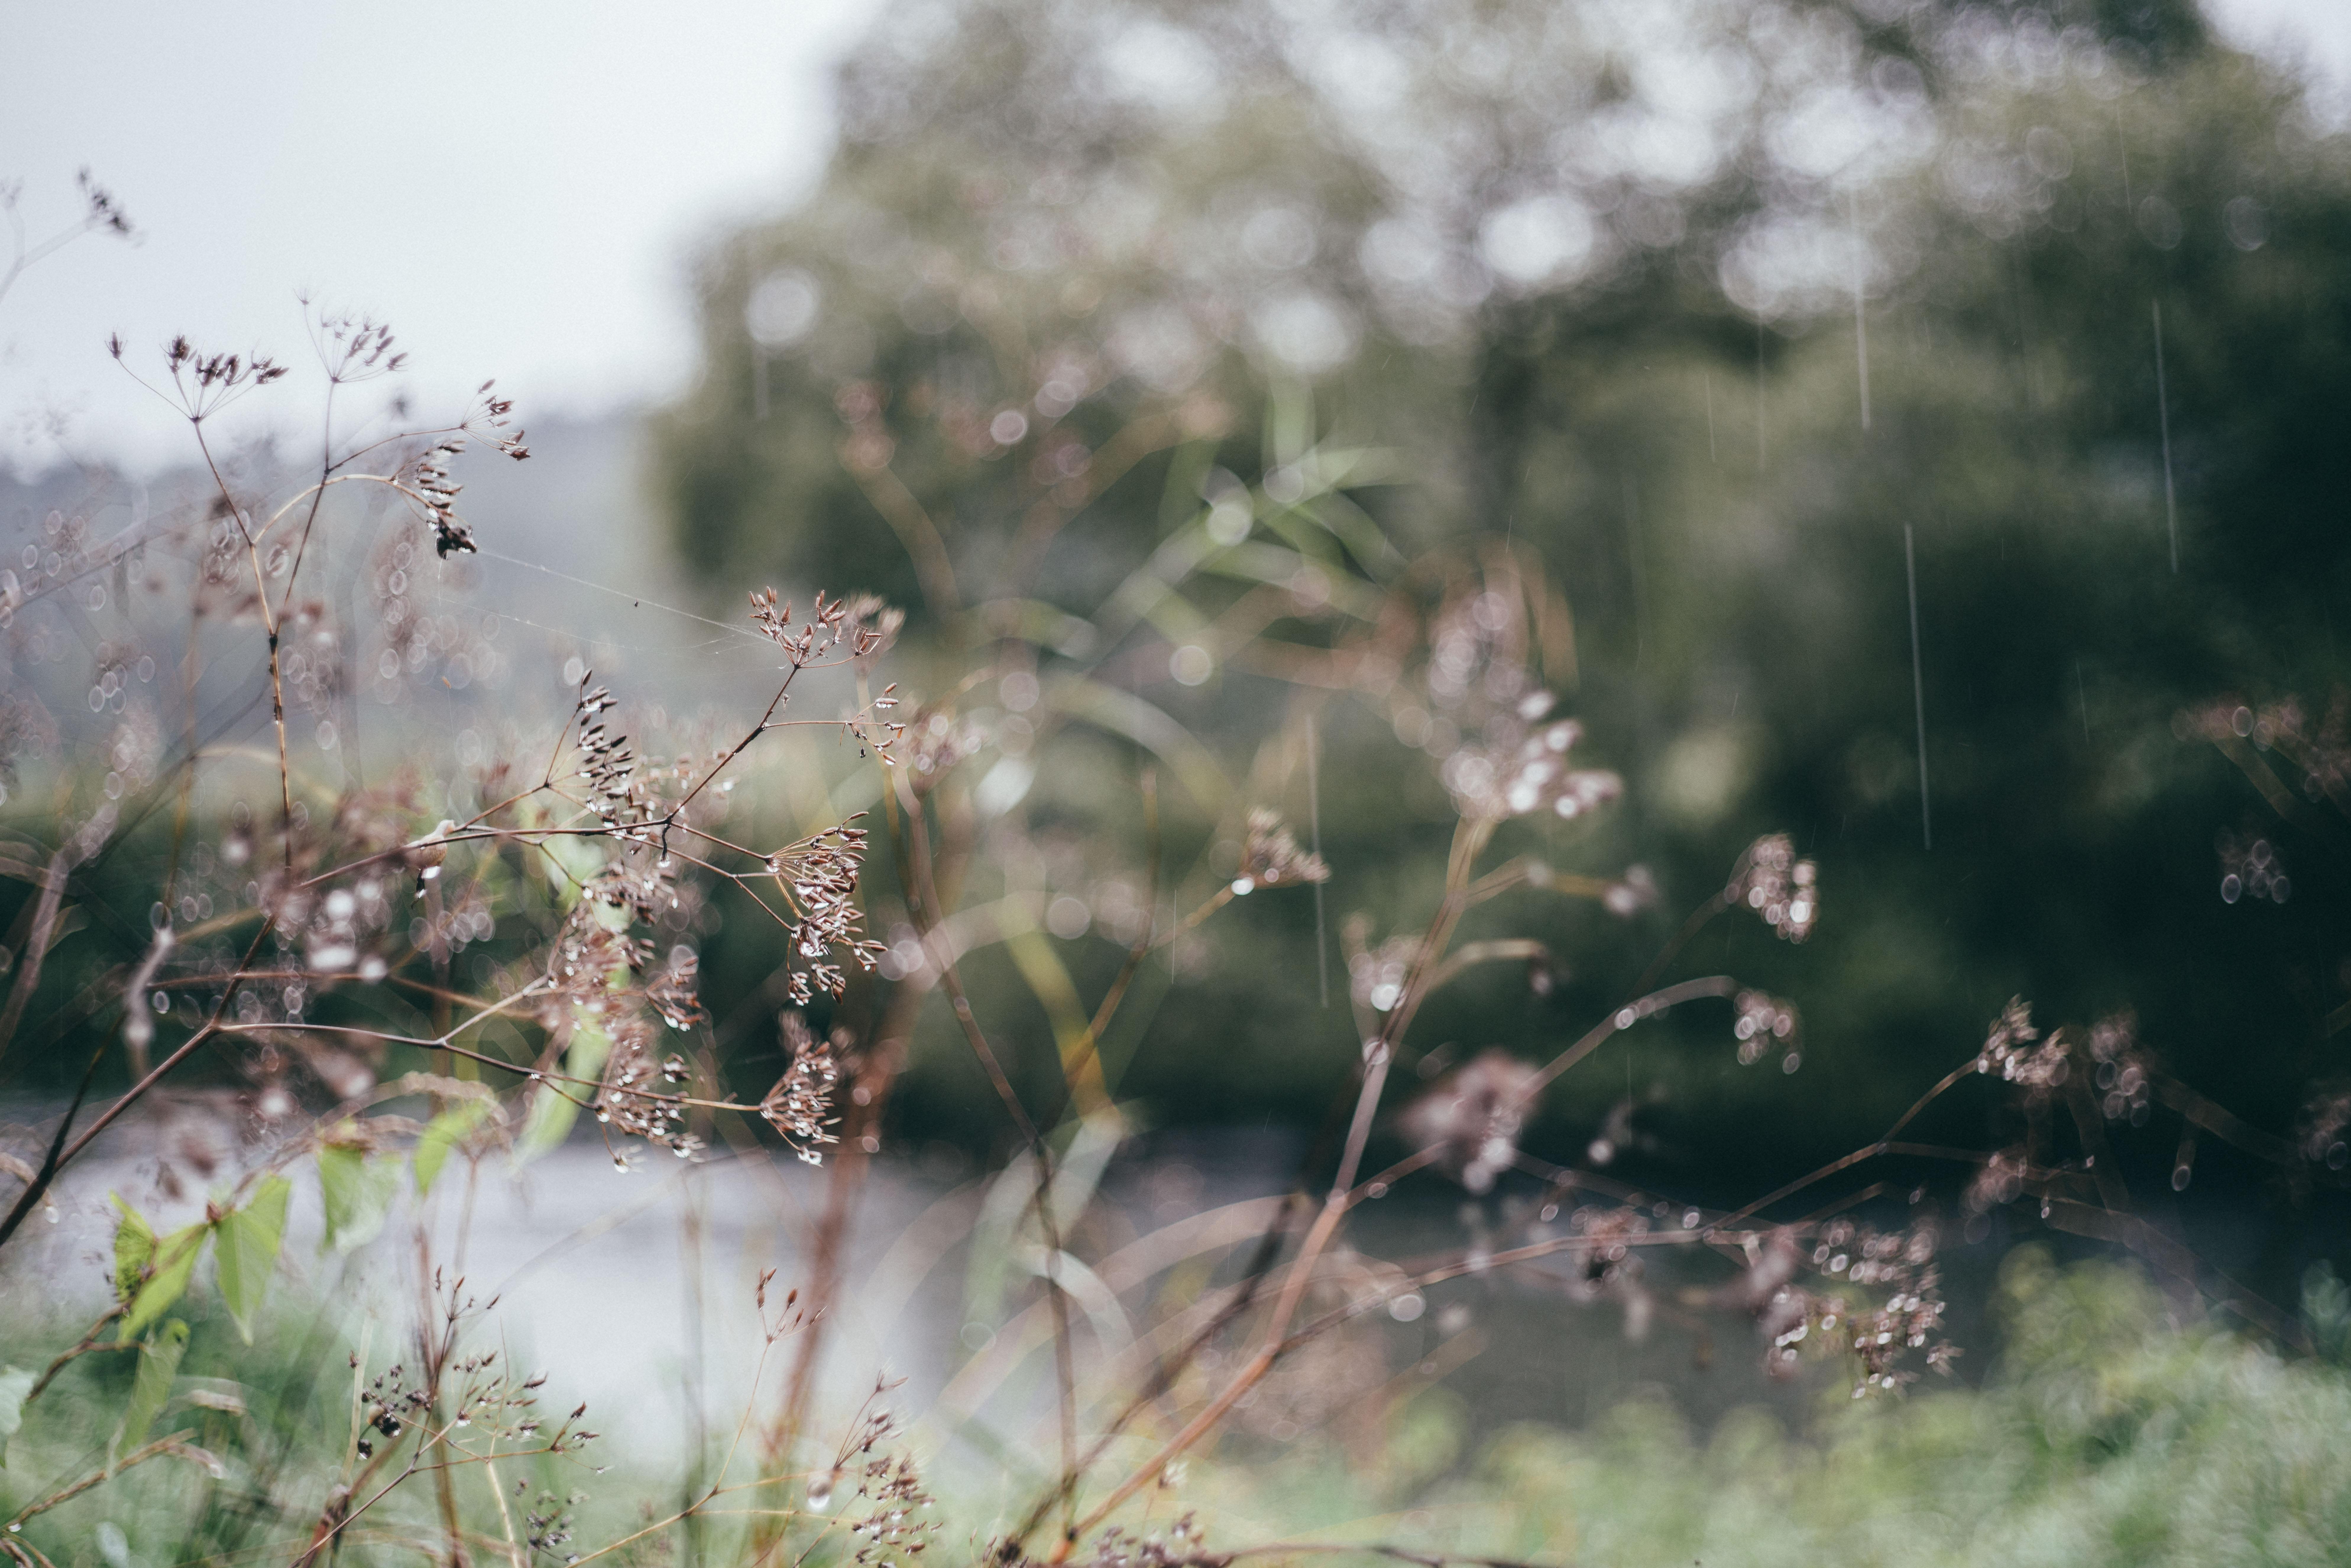 картинка летний дождь утро активно входит мода